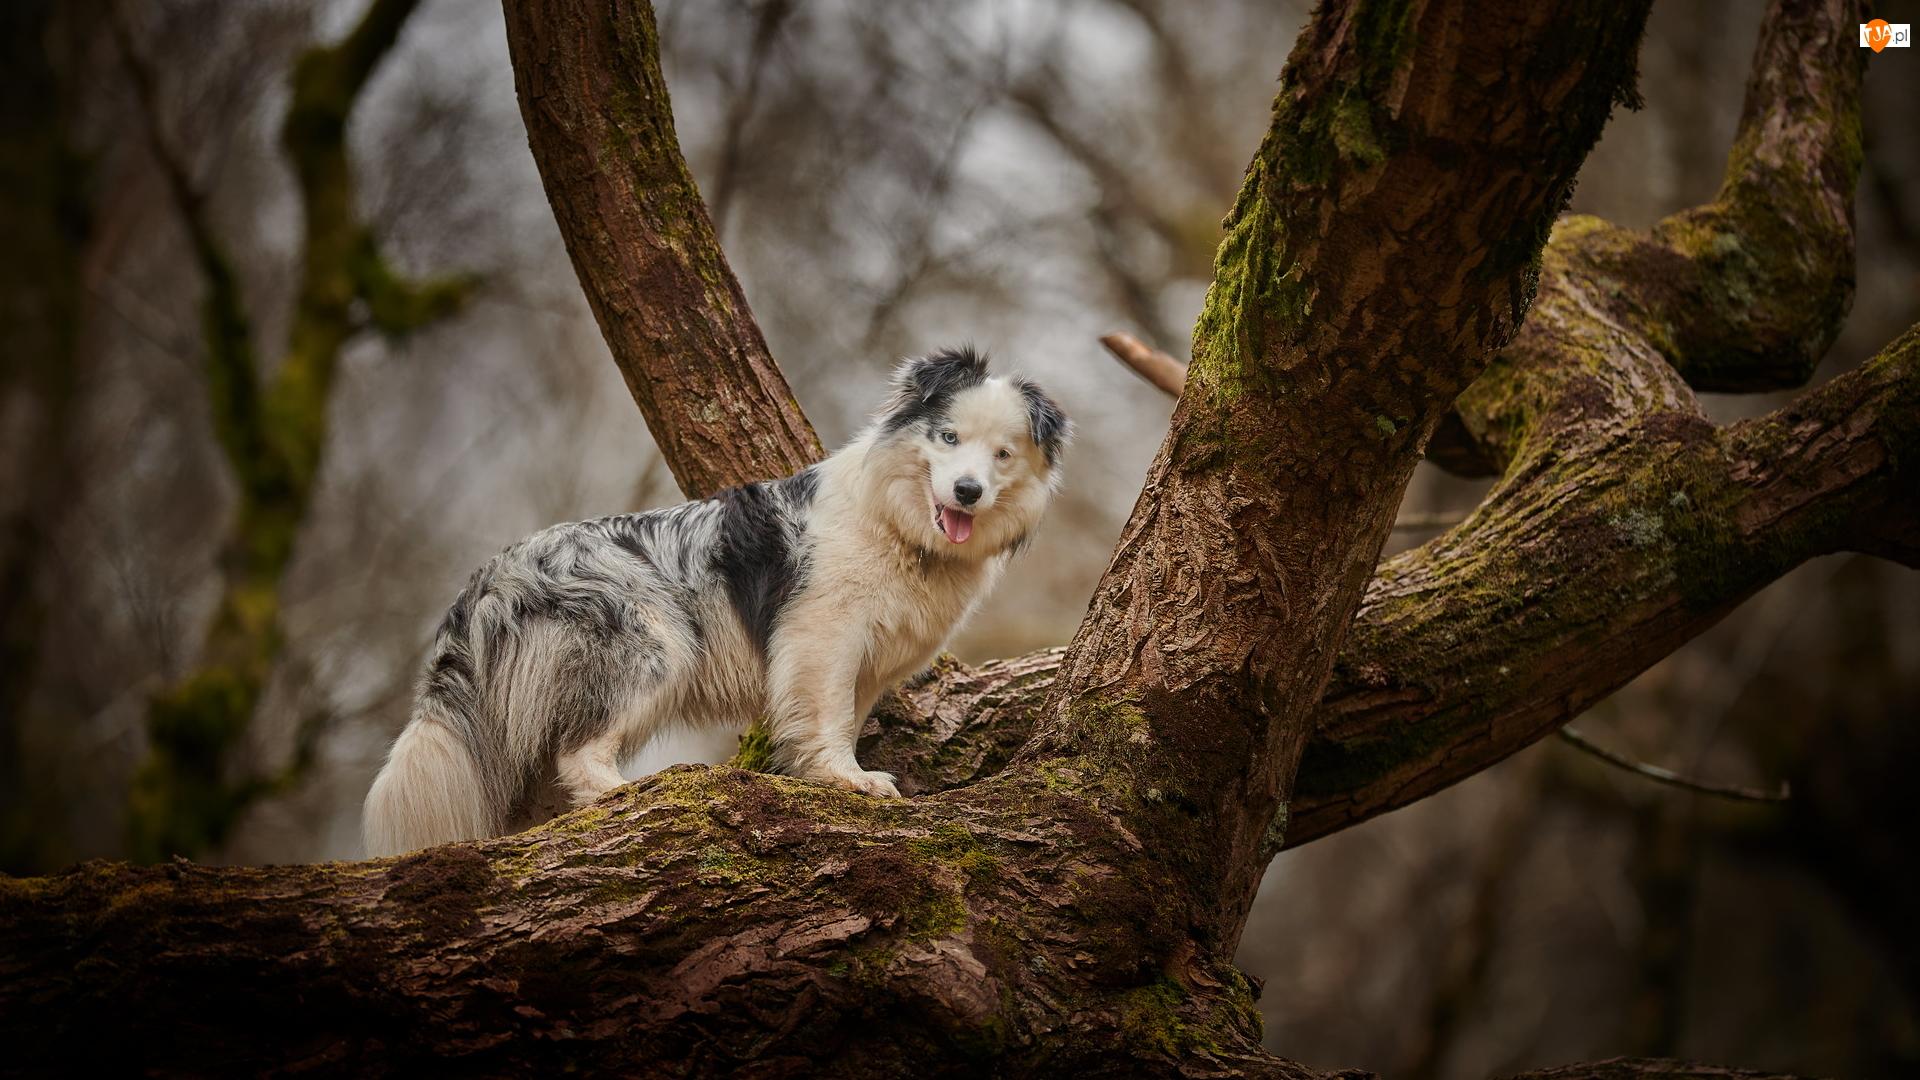 Konary, Pies, Owczarek australijski, Drzewo